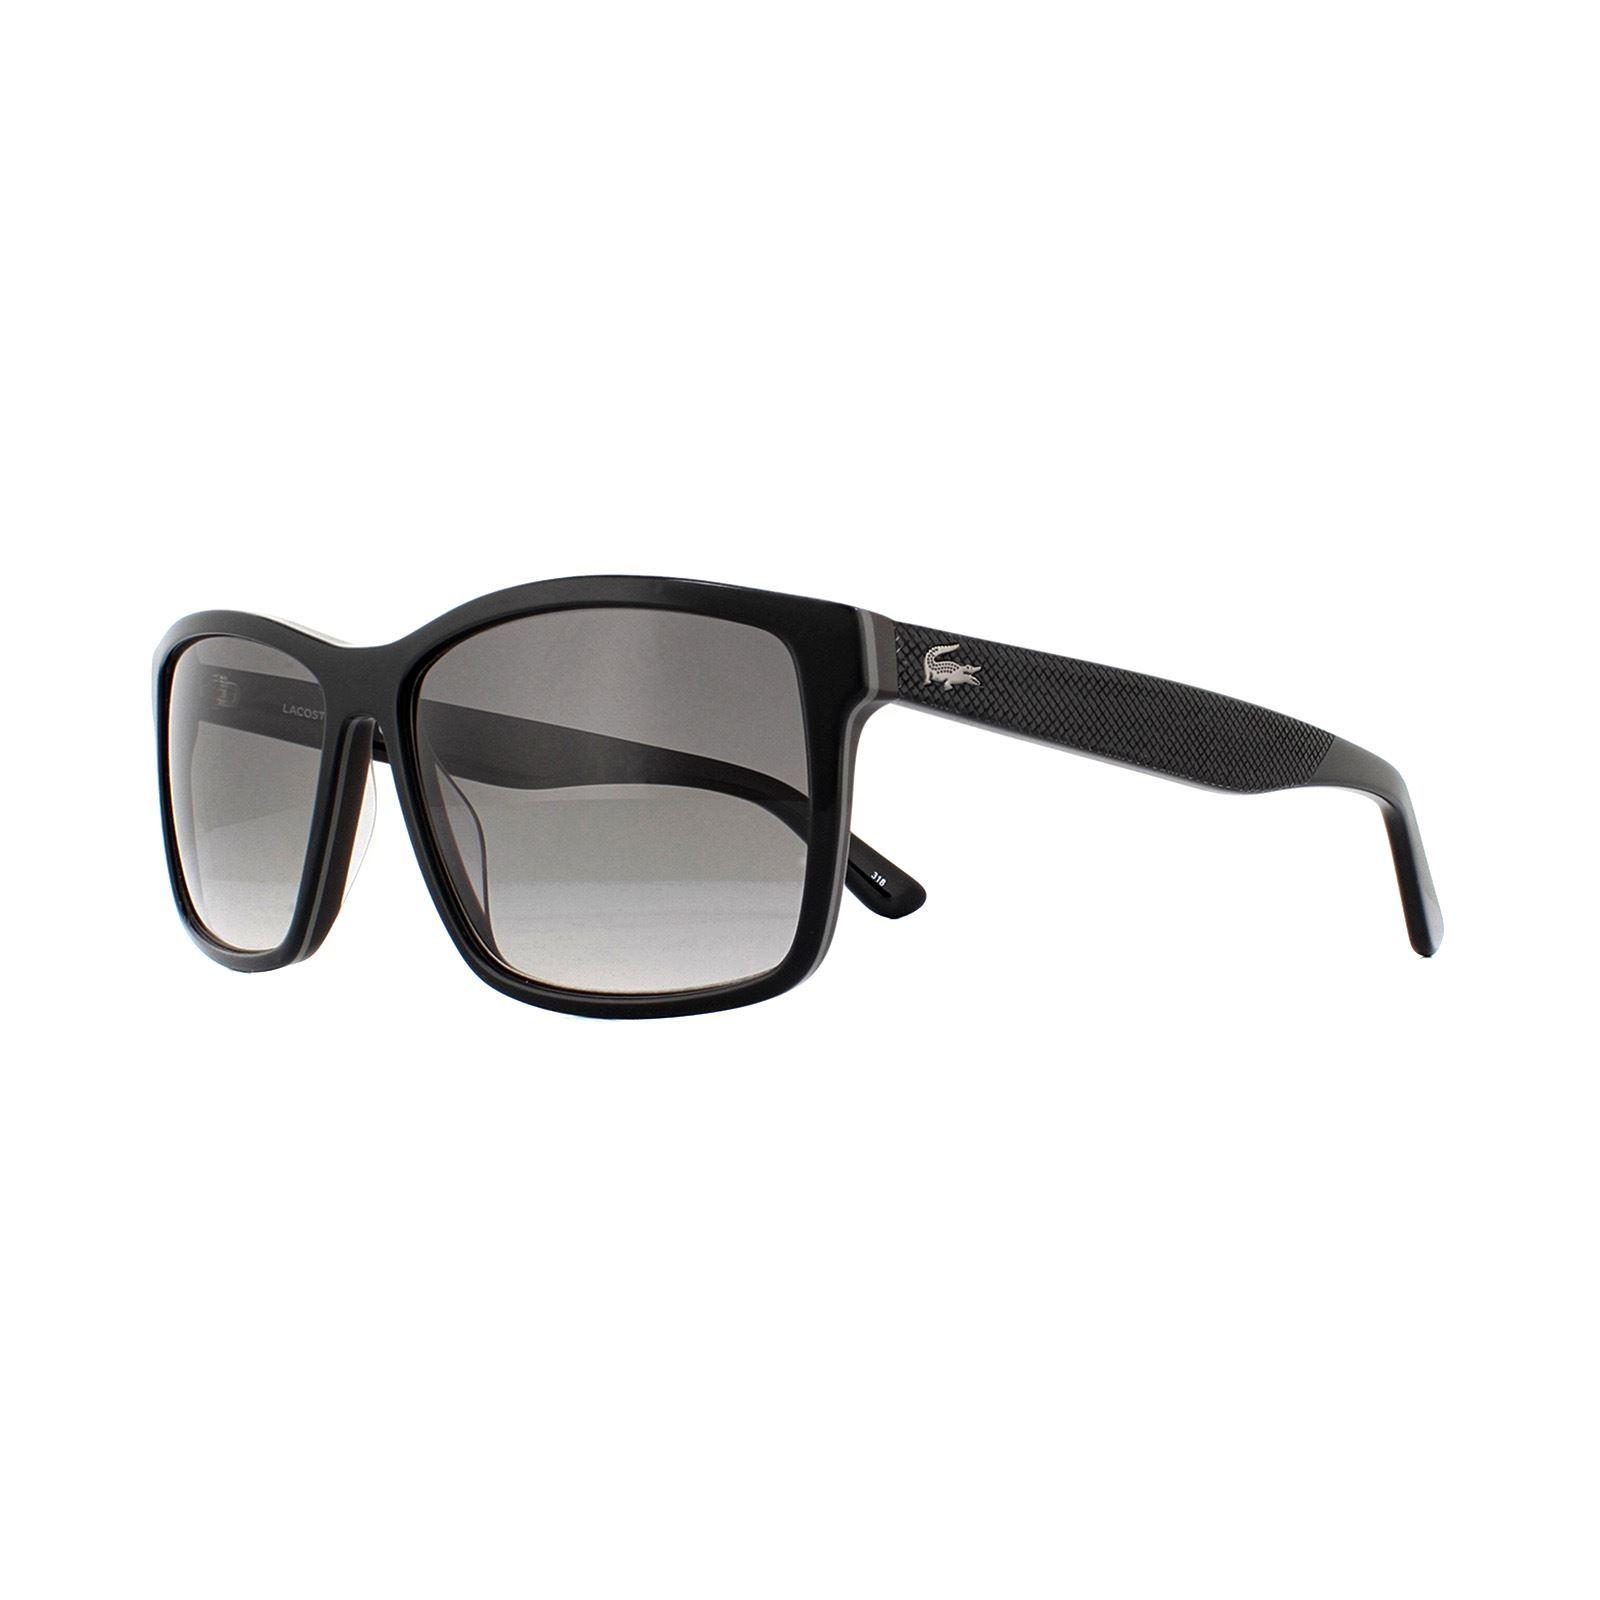 Lacoste Sunglasses L705S 001 Black Brown Violet Gradient